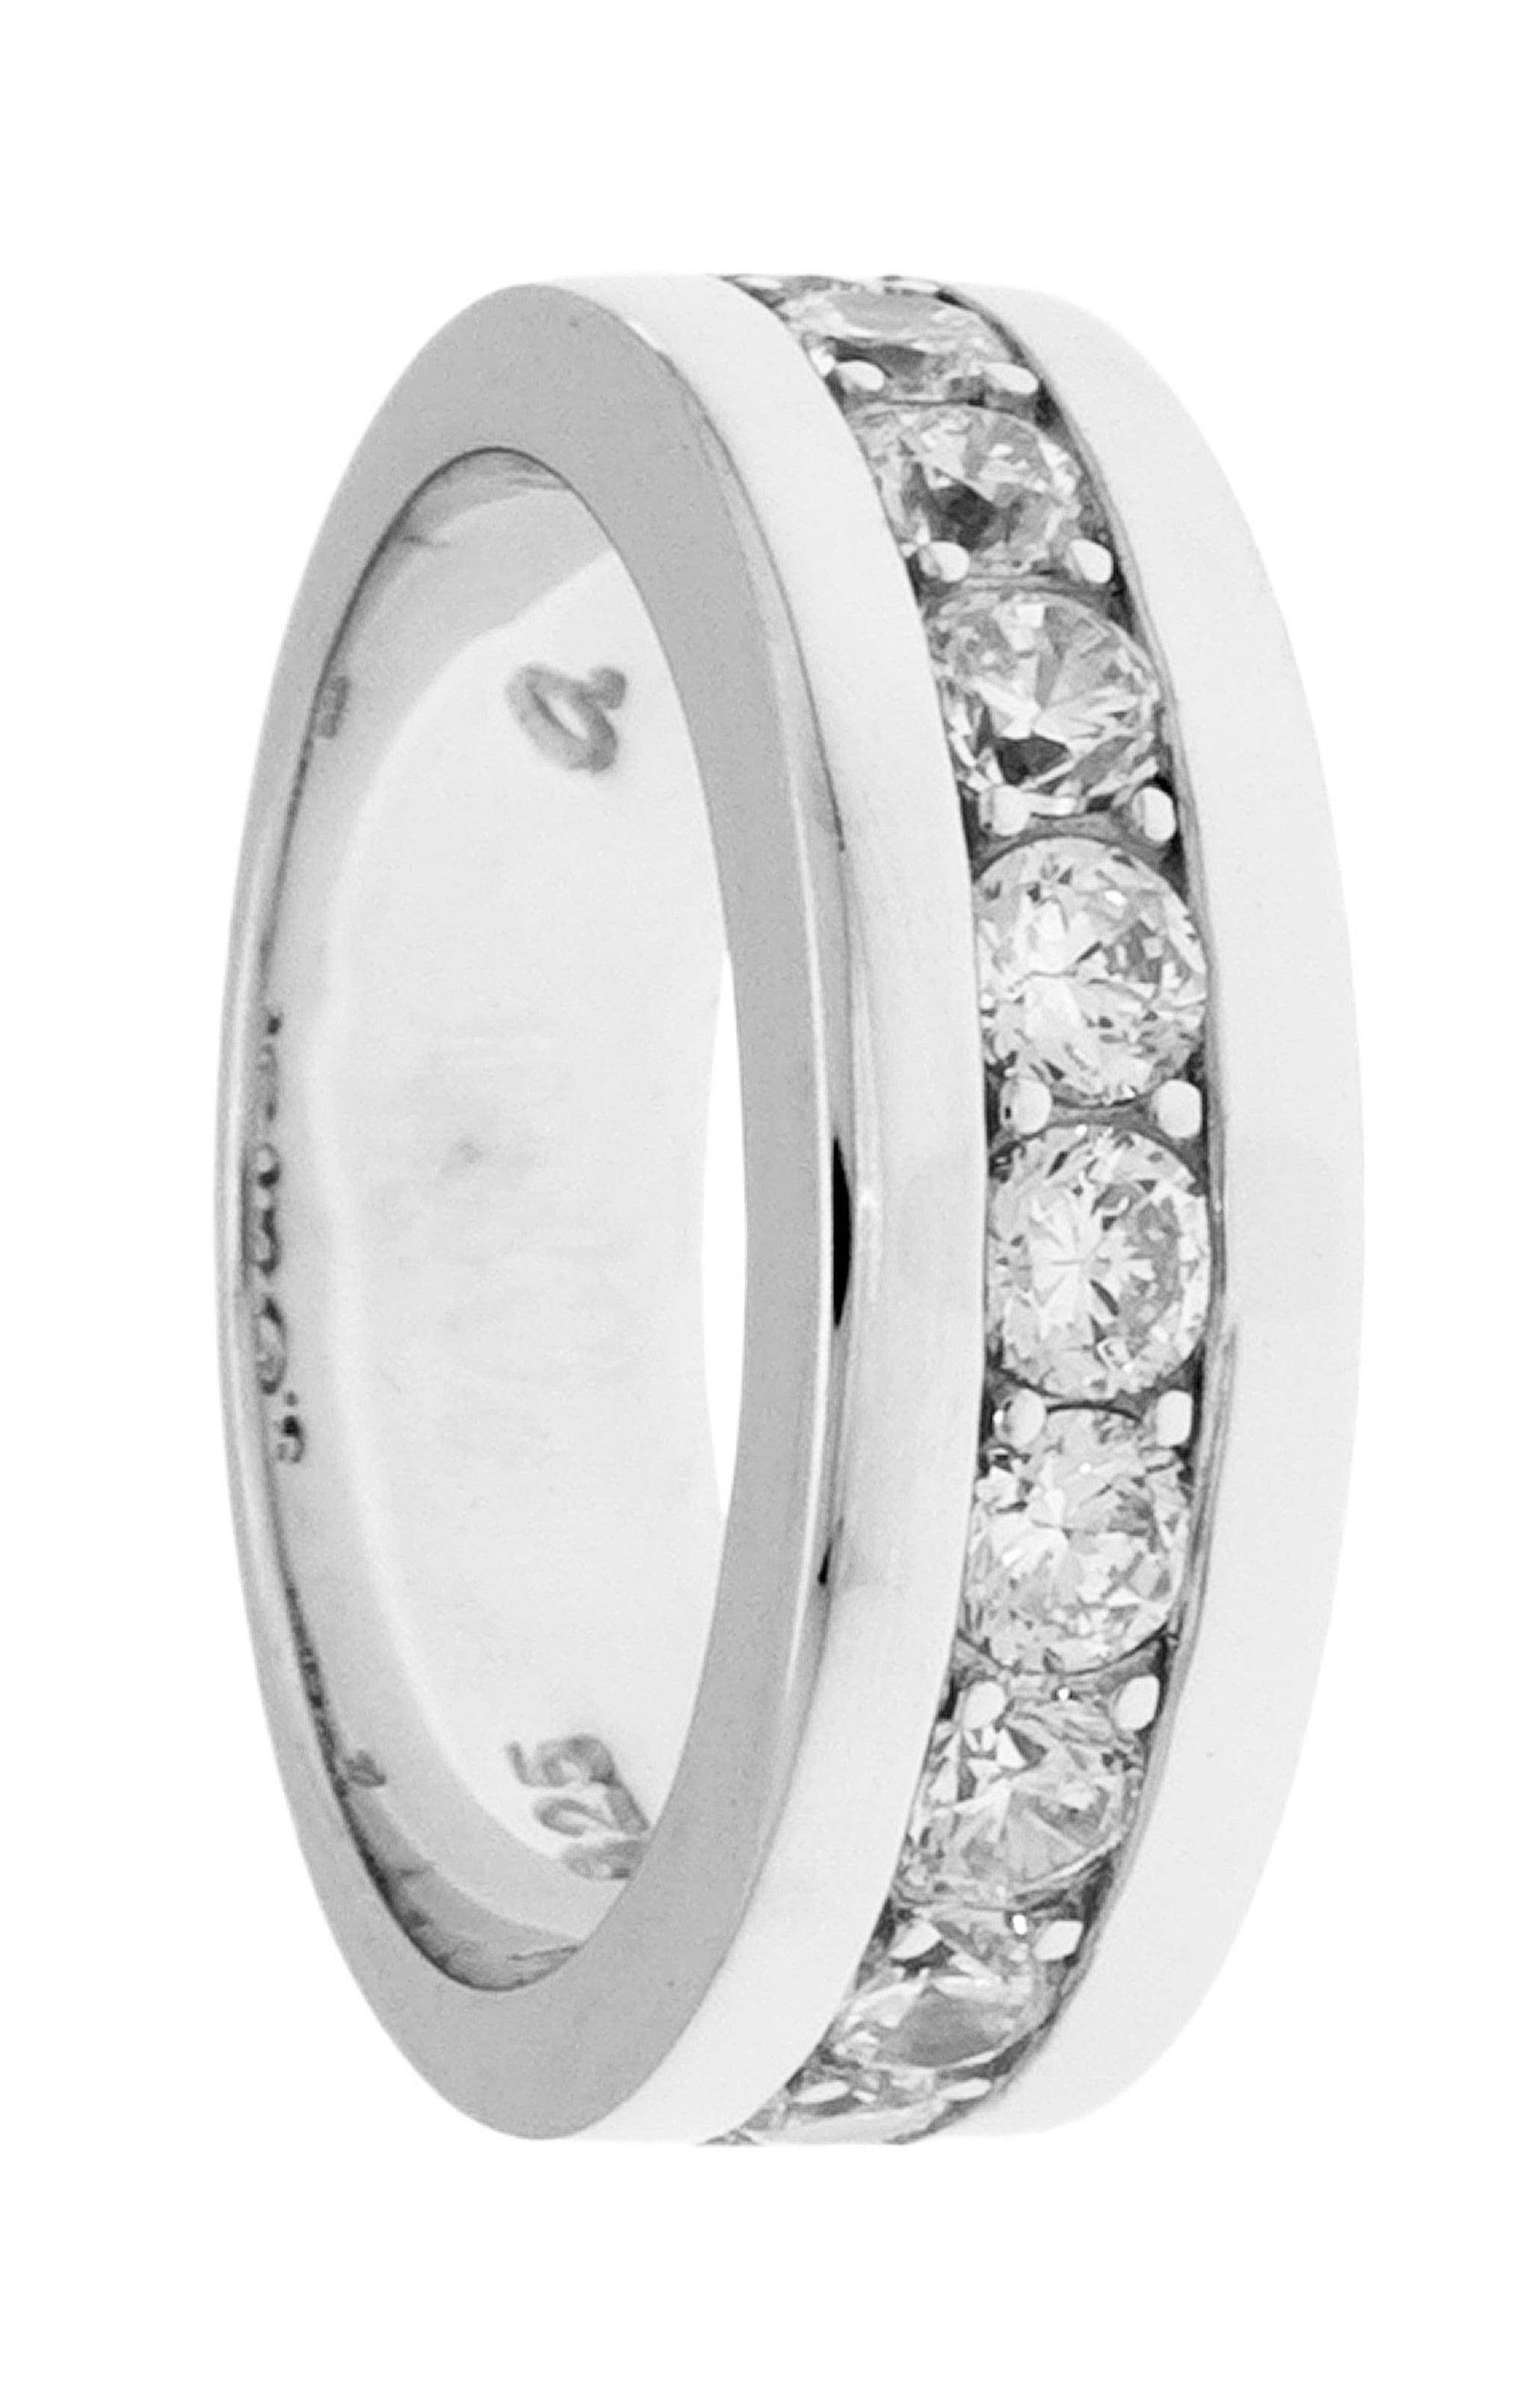 s.Oliver RED LABEL Ring SO105 Geschäft Verkauf Neueste Rabatt Shop-Angebot Billig Verkauf Sammlungen xkBN70vY